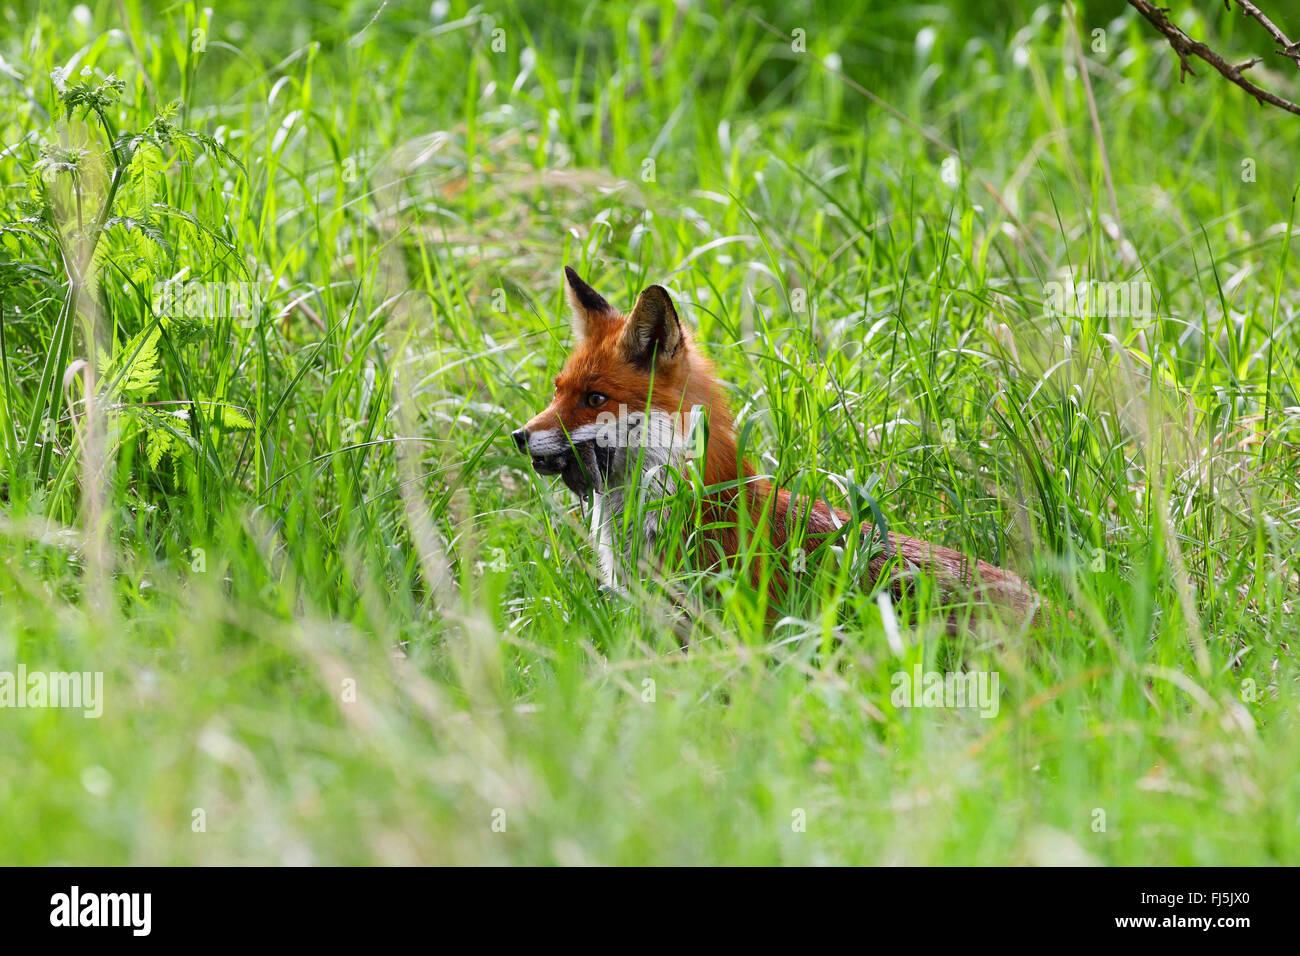 Le renard roux (Vulpes vulpes), parent avec la souris capturées, Allemagne Photo Stock